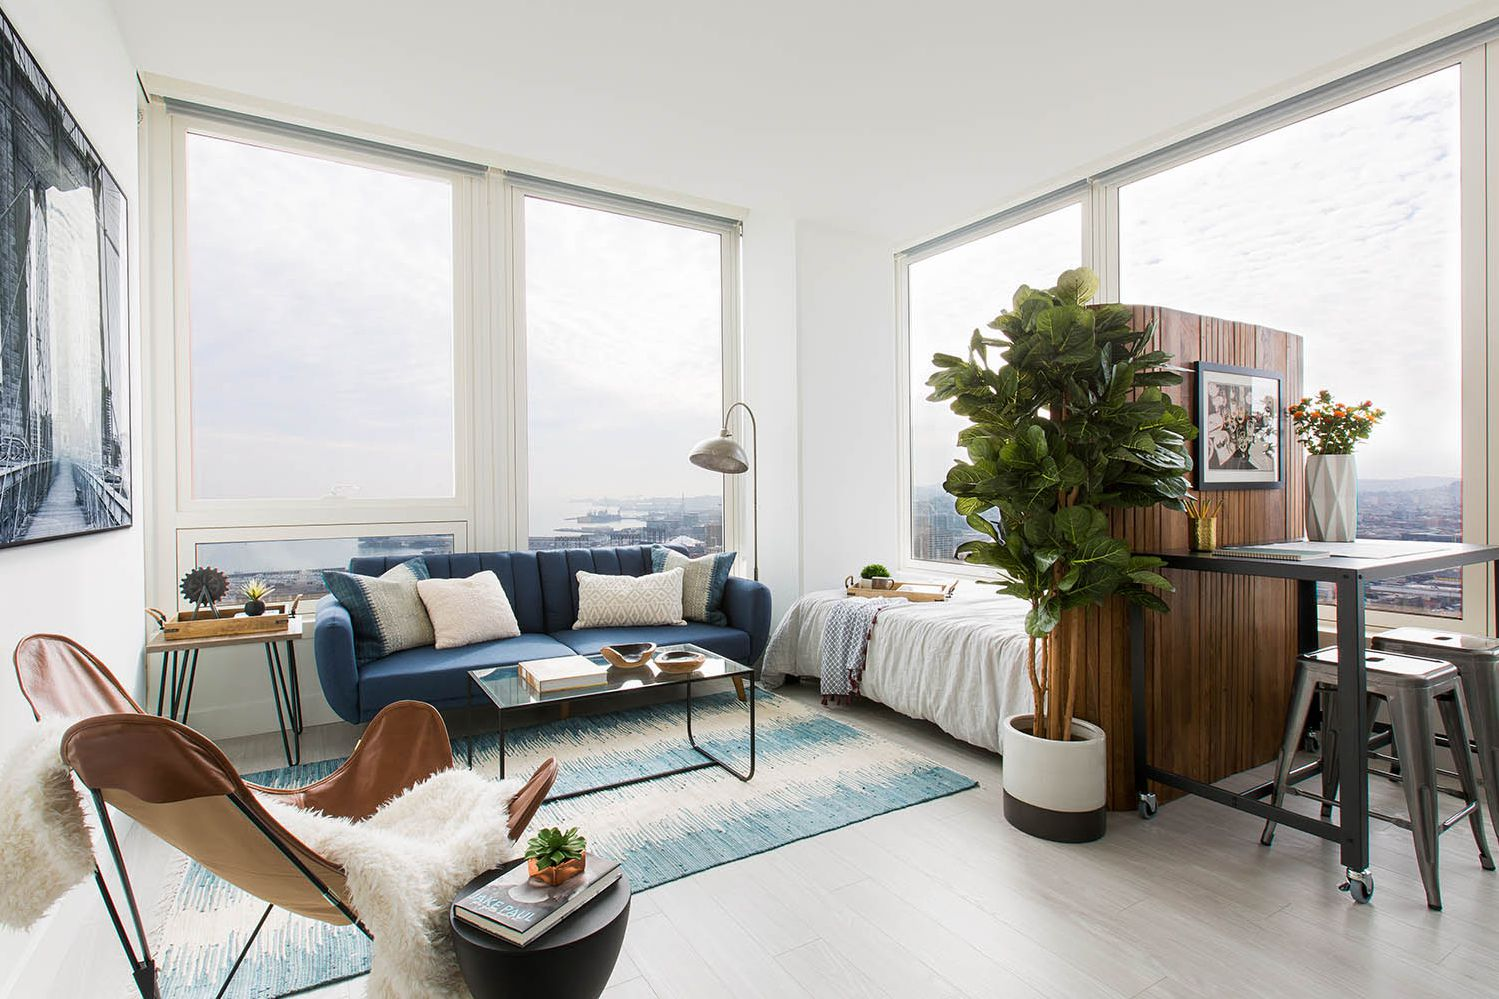 Rośliny idealne do sypialni | źródło: laurelandwolf.com